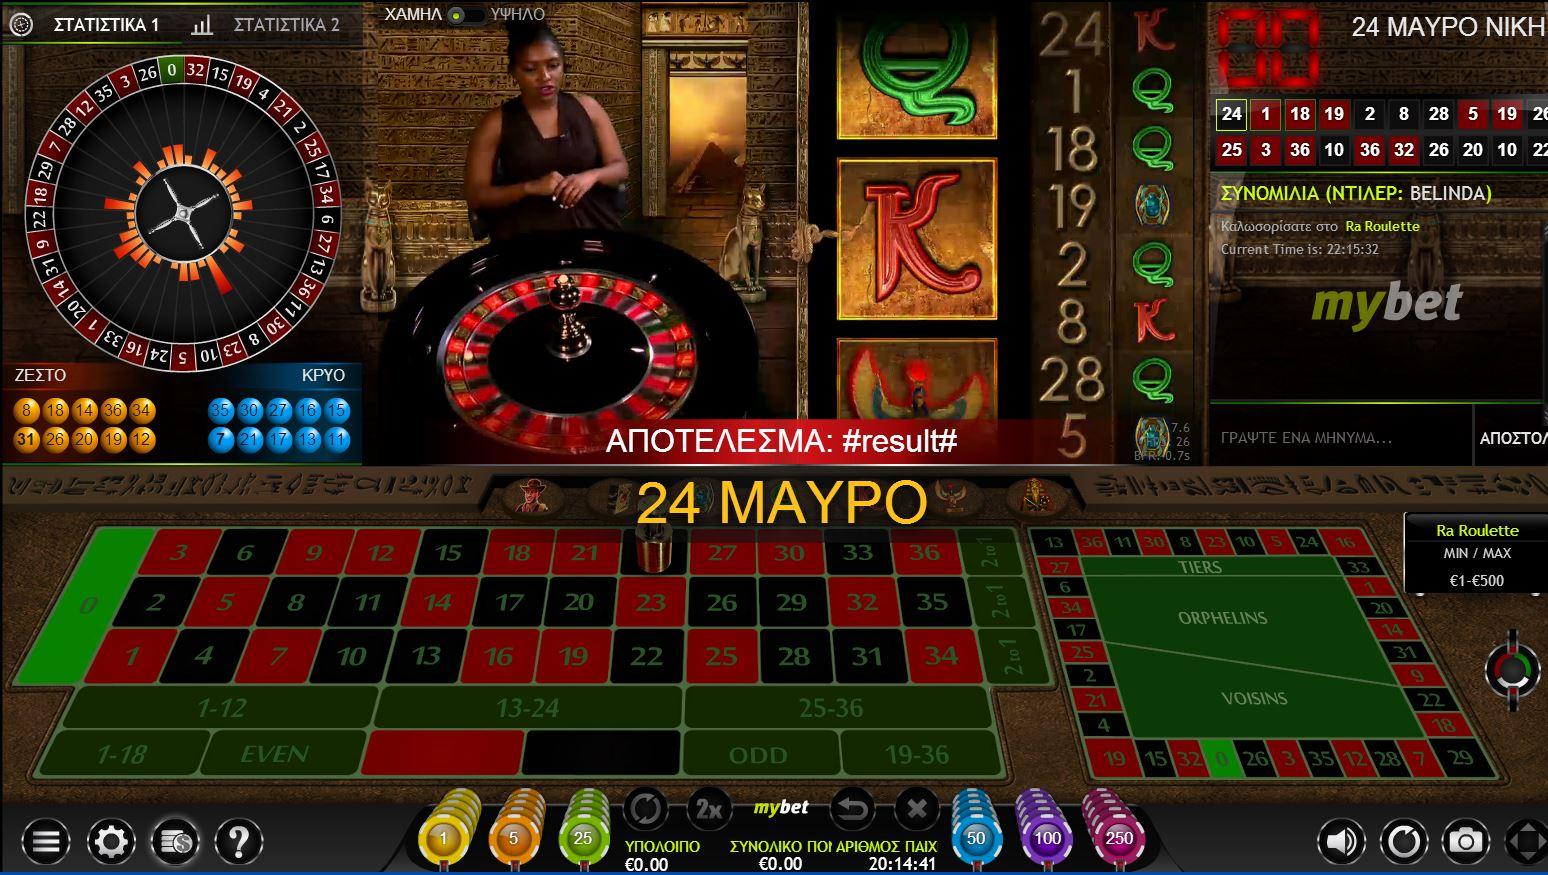 почему казино ра еле работает